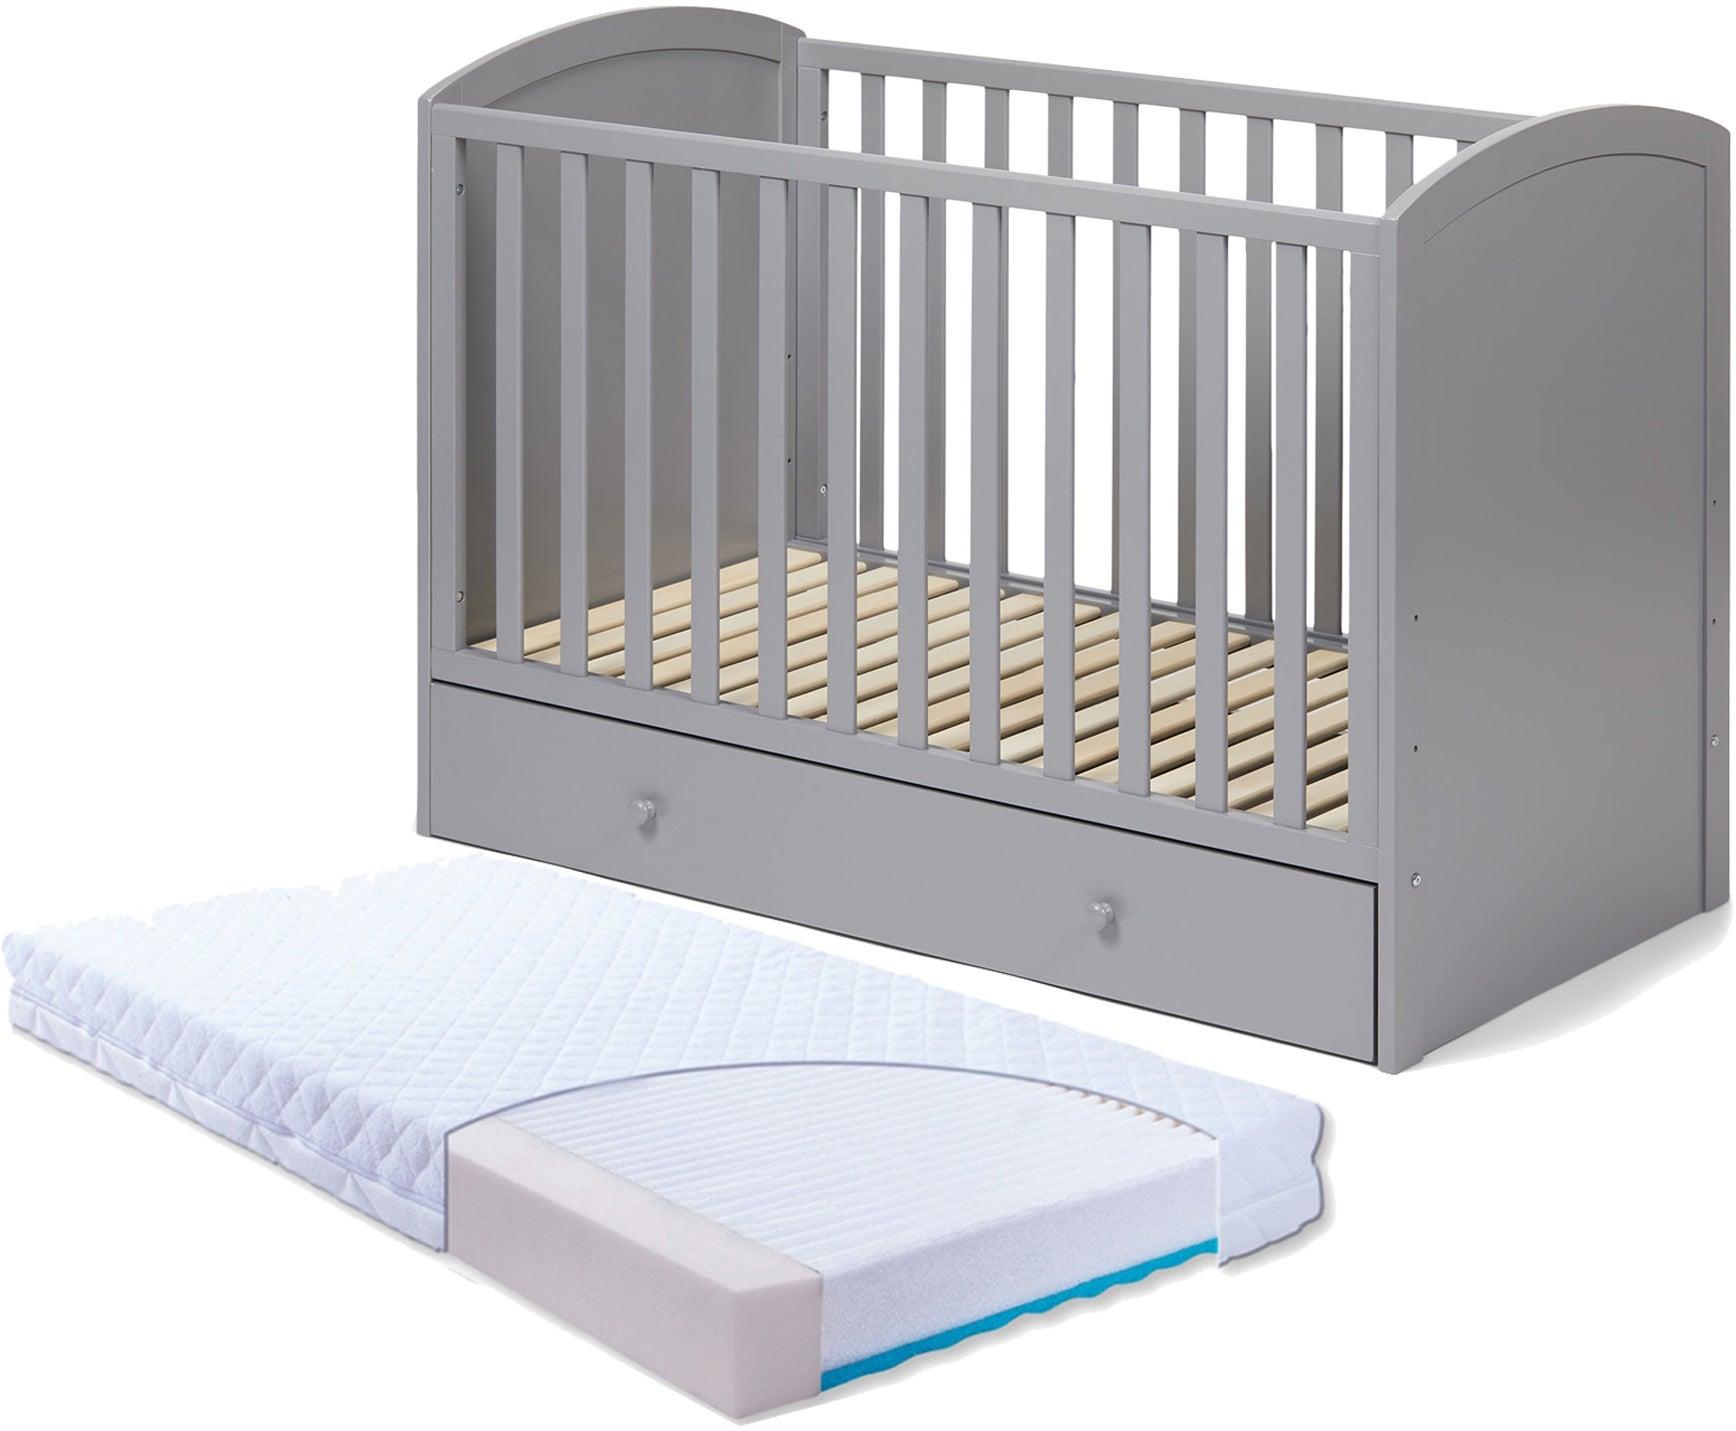 JLY Lux Pinnasänky Laatikoilla, Harmaa & BabyMatex Patja